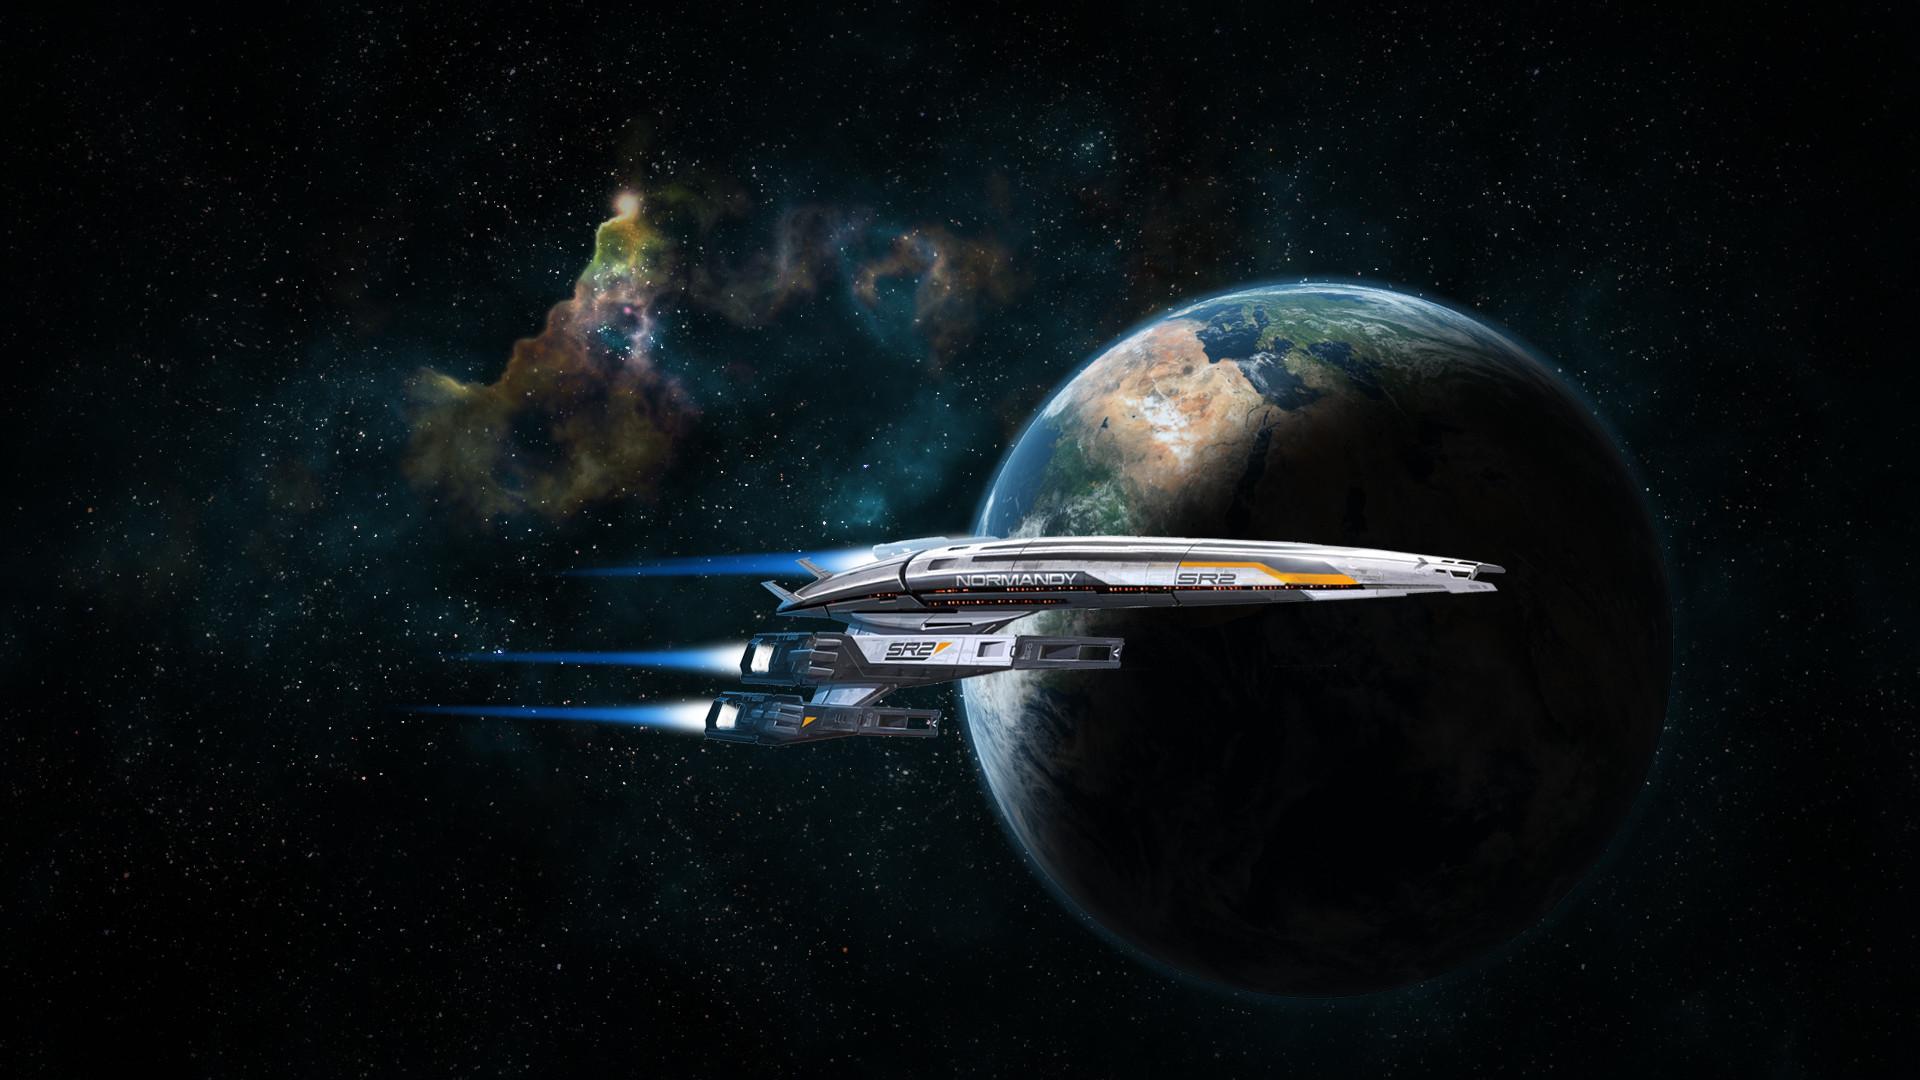 Mass Effect Normandy Wallpaper Wallpapertag